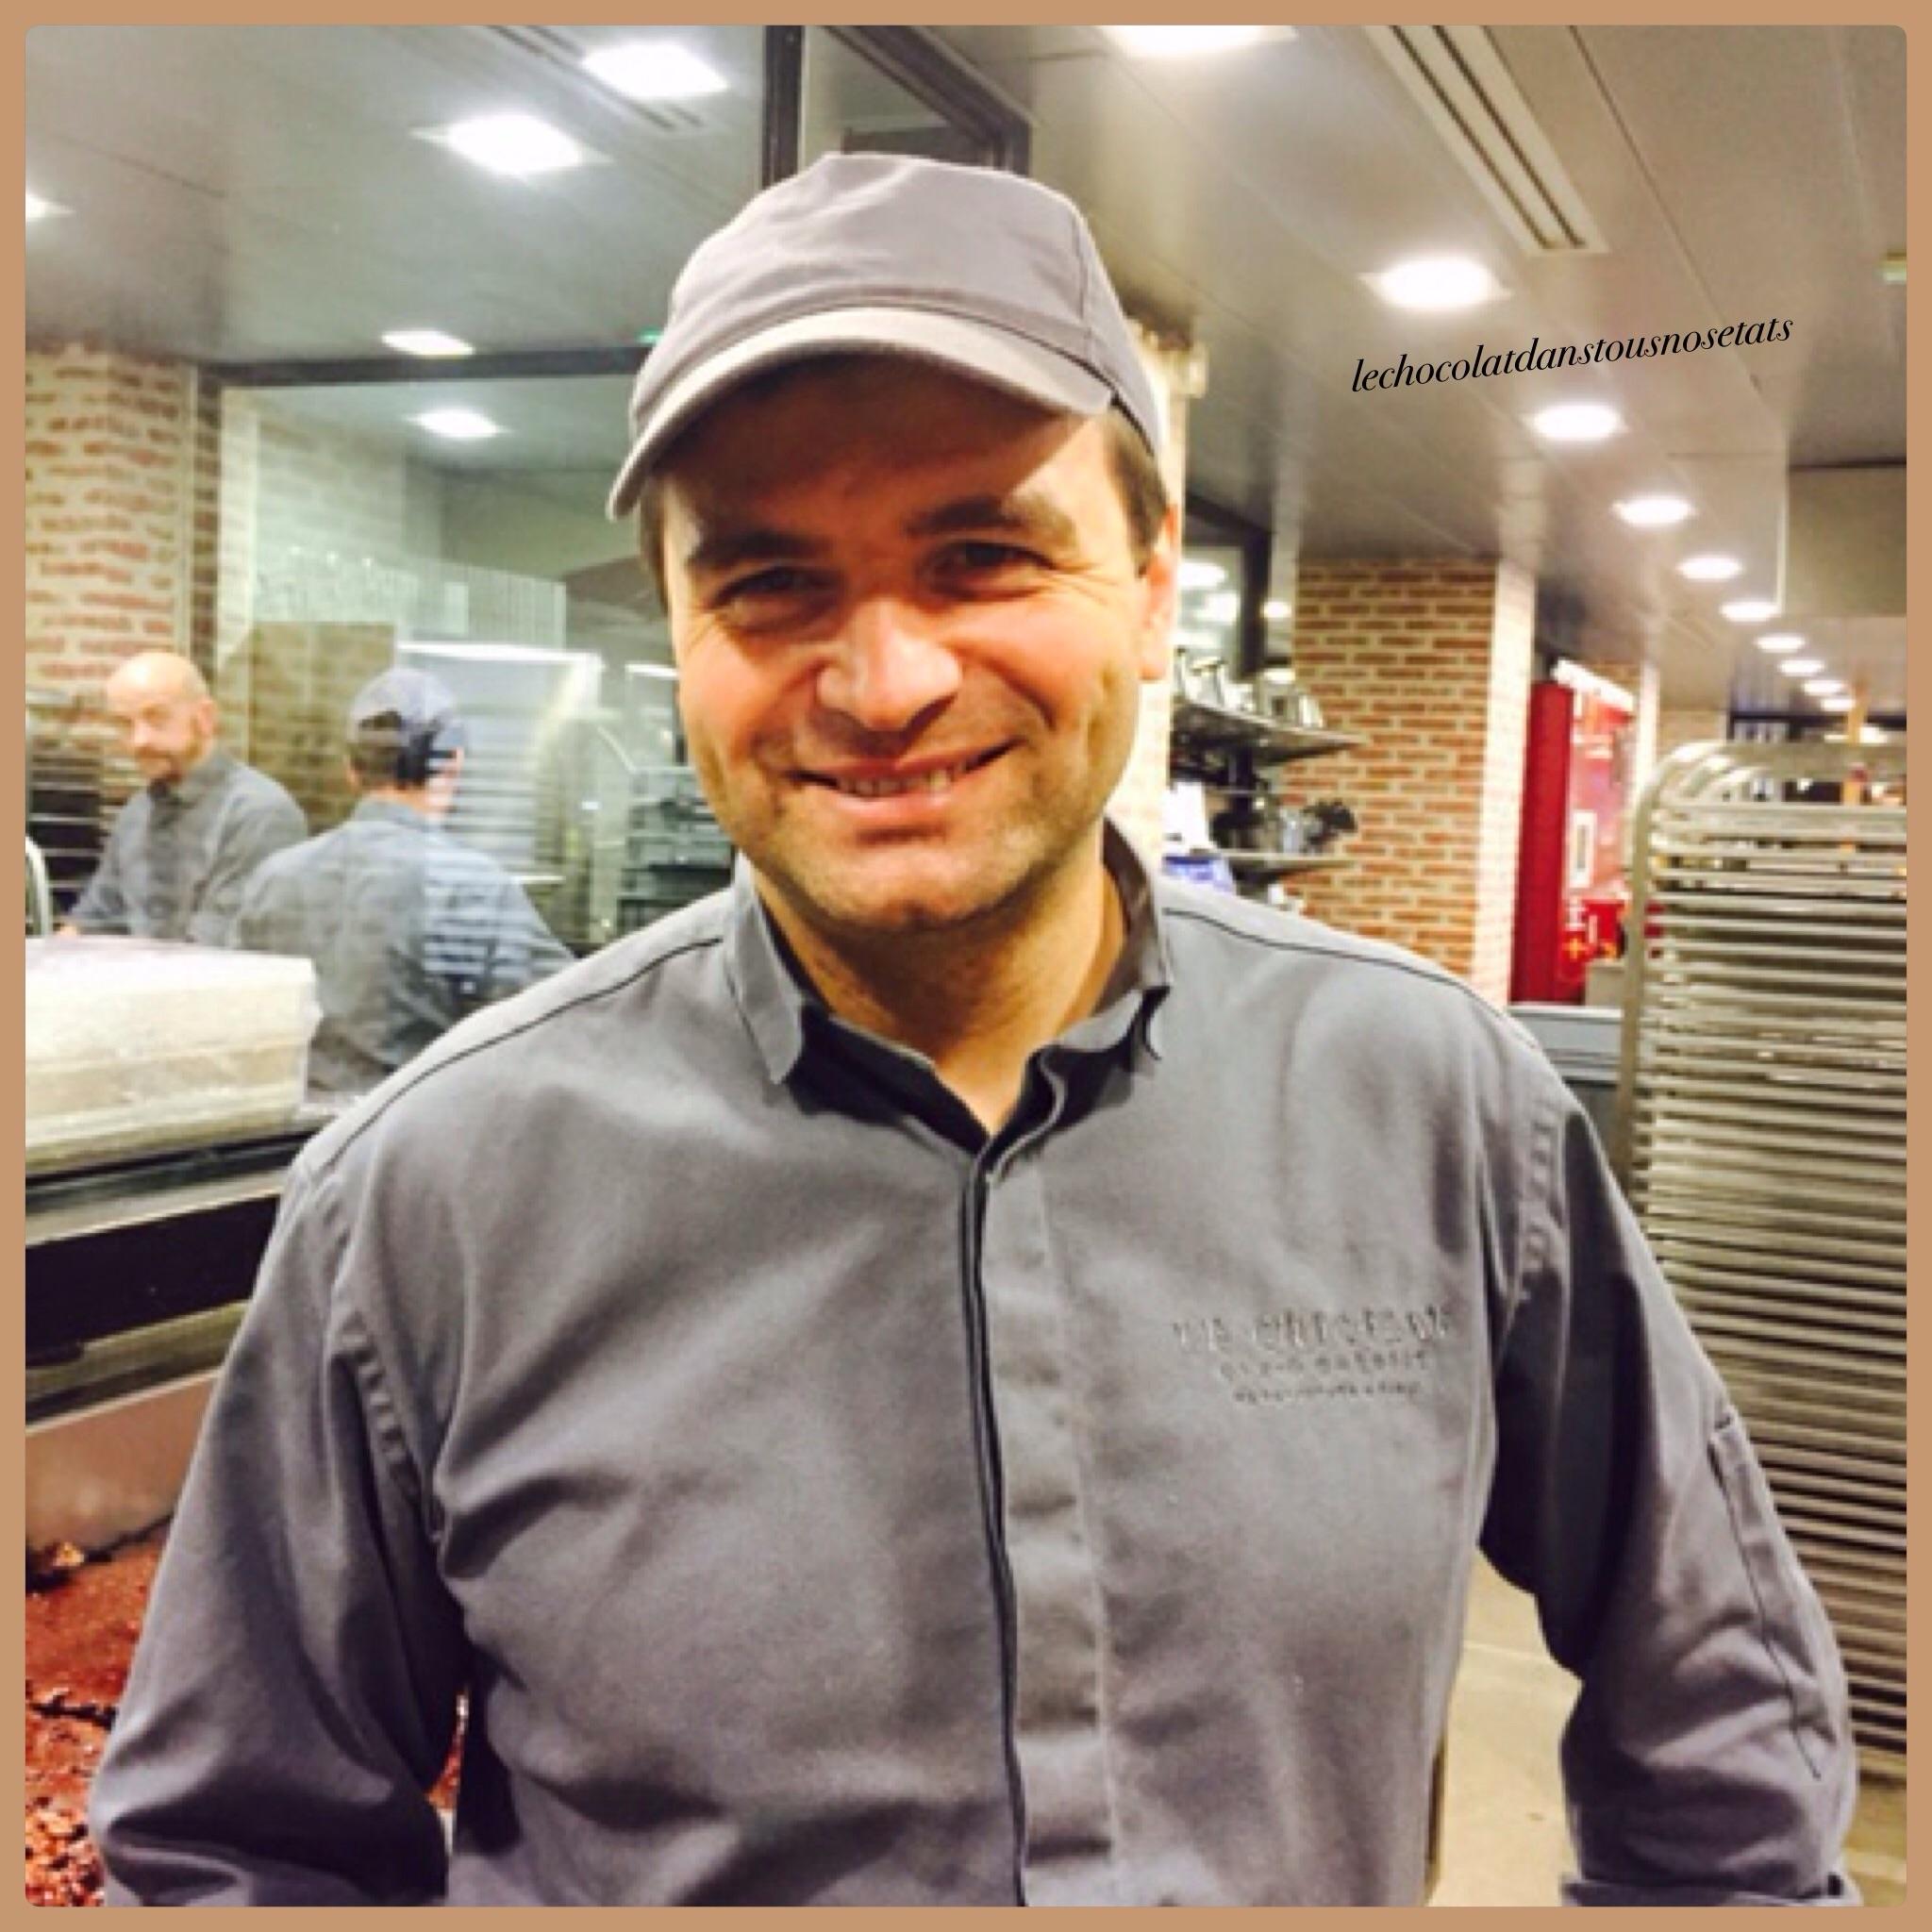 Rencontre avec Nicolas BERGER, un Chef chocolatier passionné, Manufacture DUCASSE, Paris